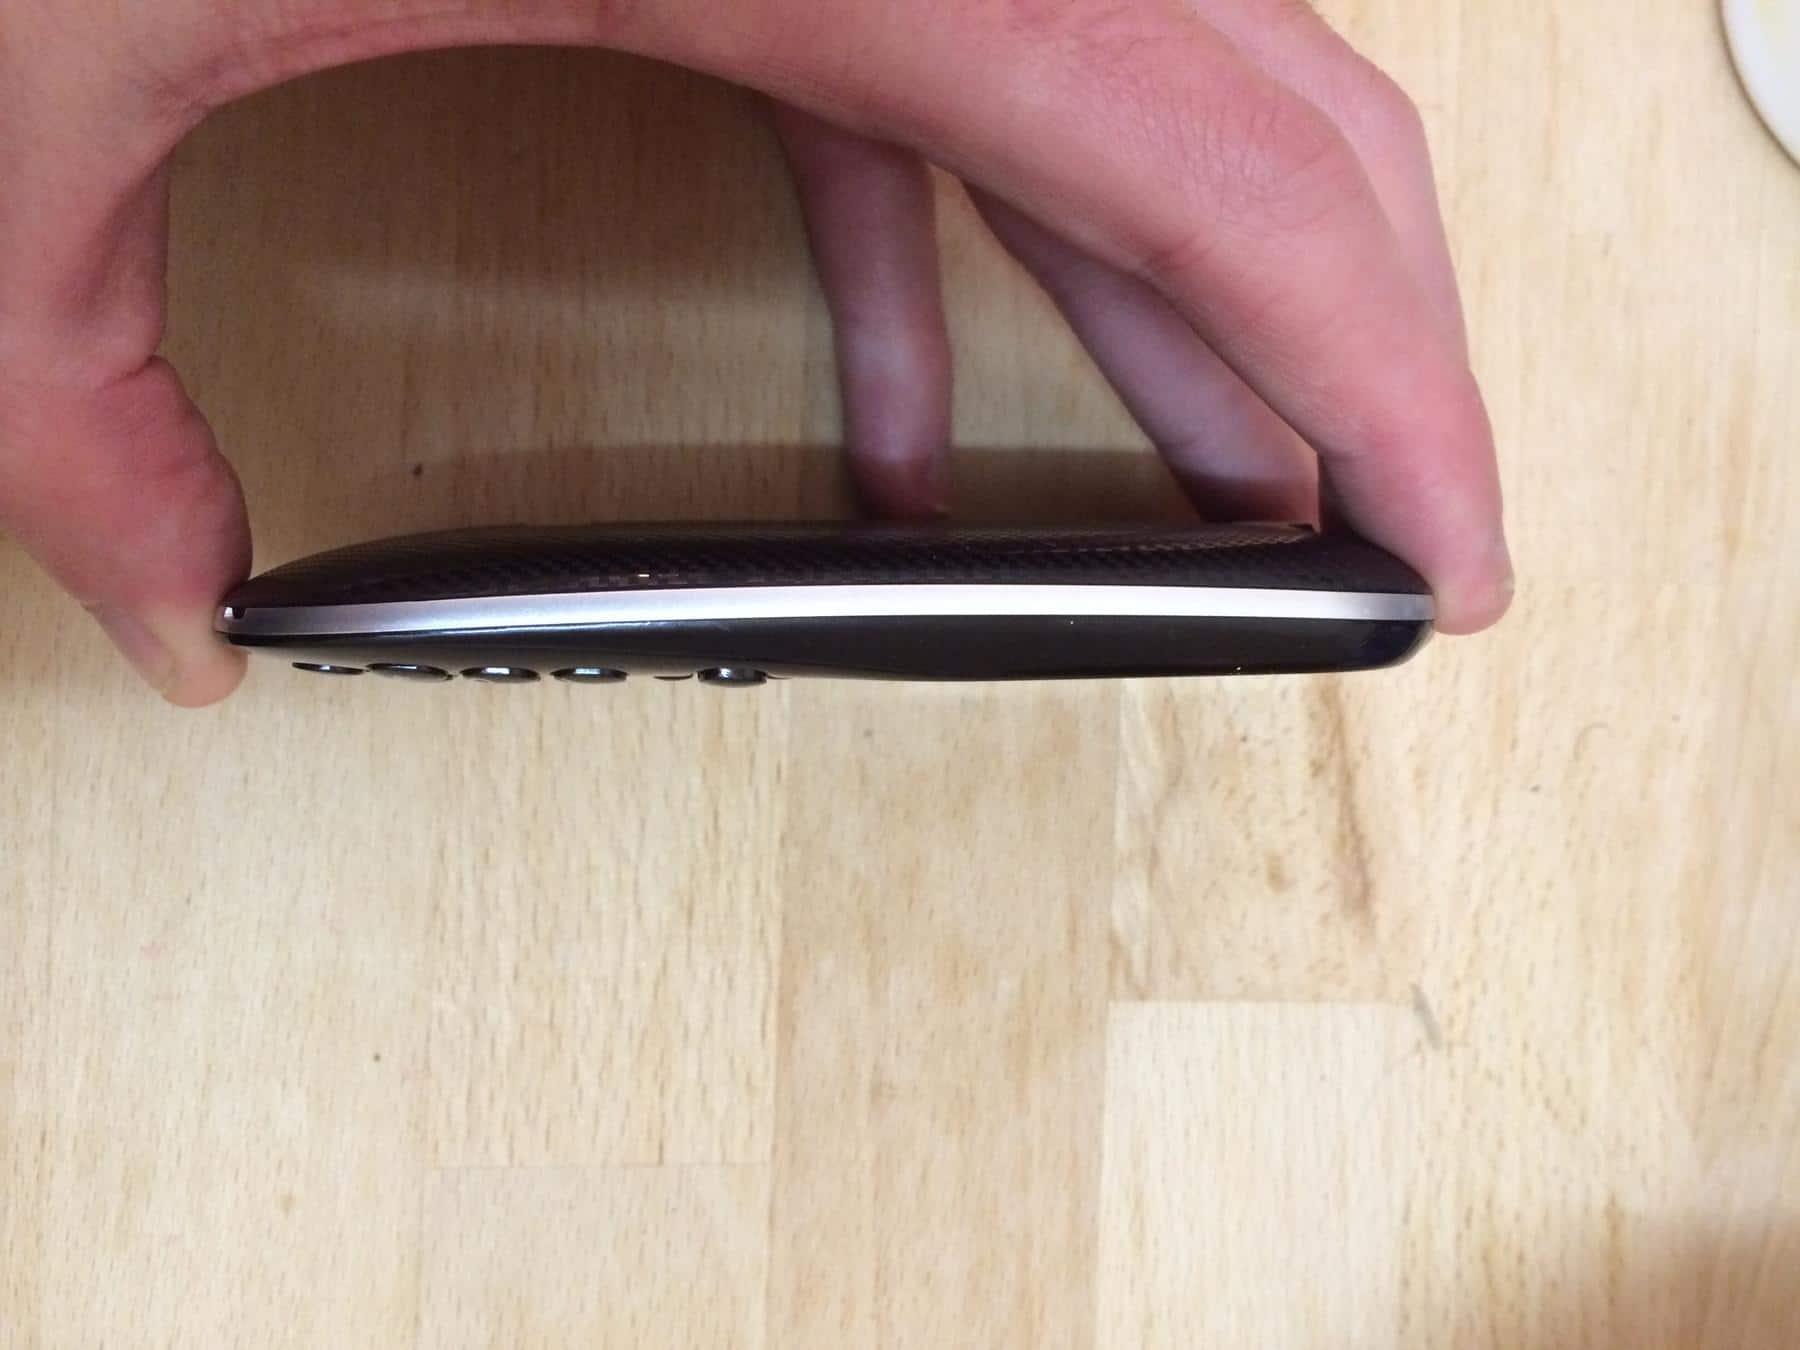 018c9de17704c5388d10db6d9bc170c608ffd03fba Test du Wiko Minz+, un BlackBerry-like vraiment pas cher